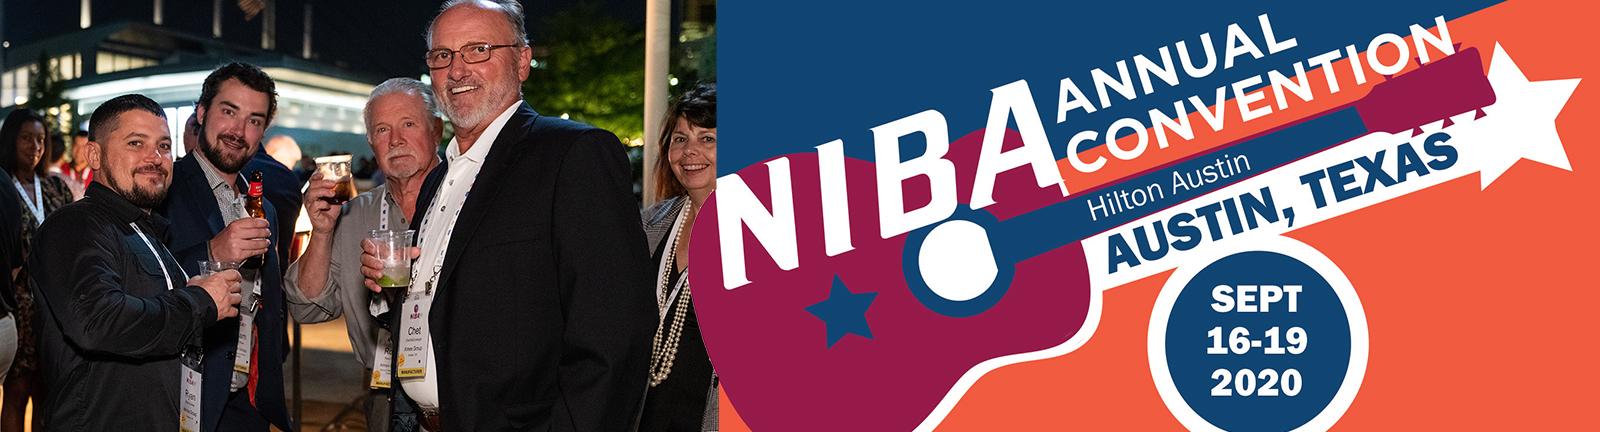 NIBA2020 banner image III